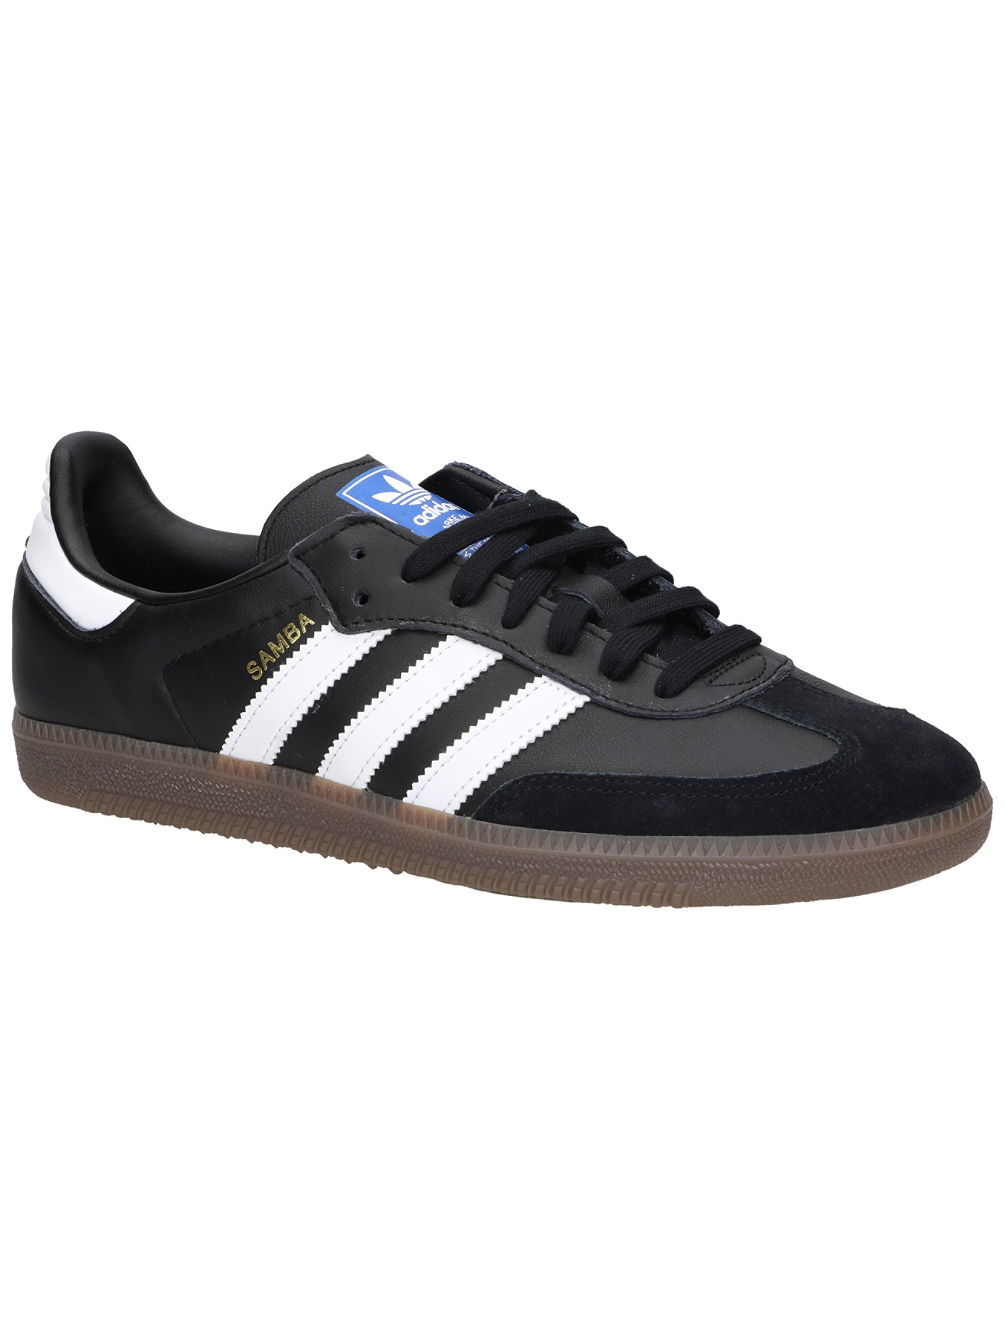 270e26810e72a1 Buy adidas Originals Samba OG Sneakers online at Blue Tomato